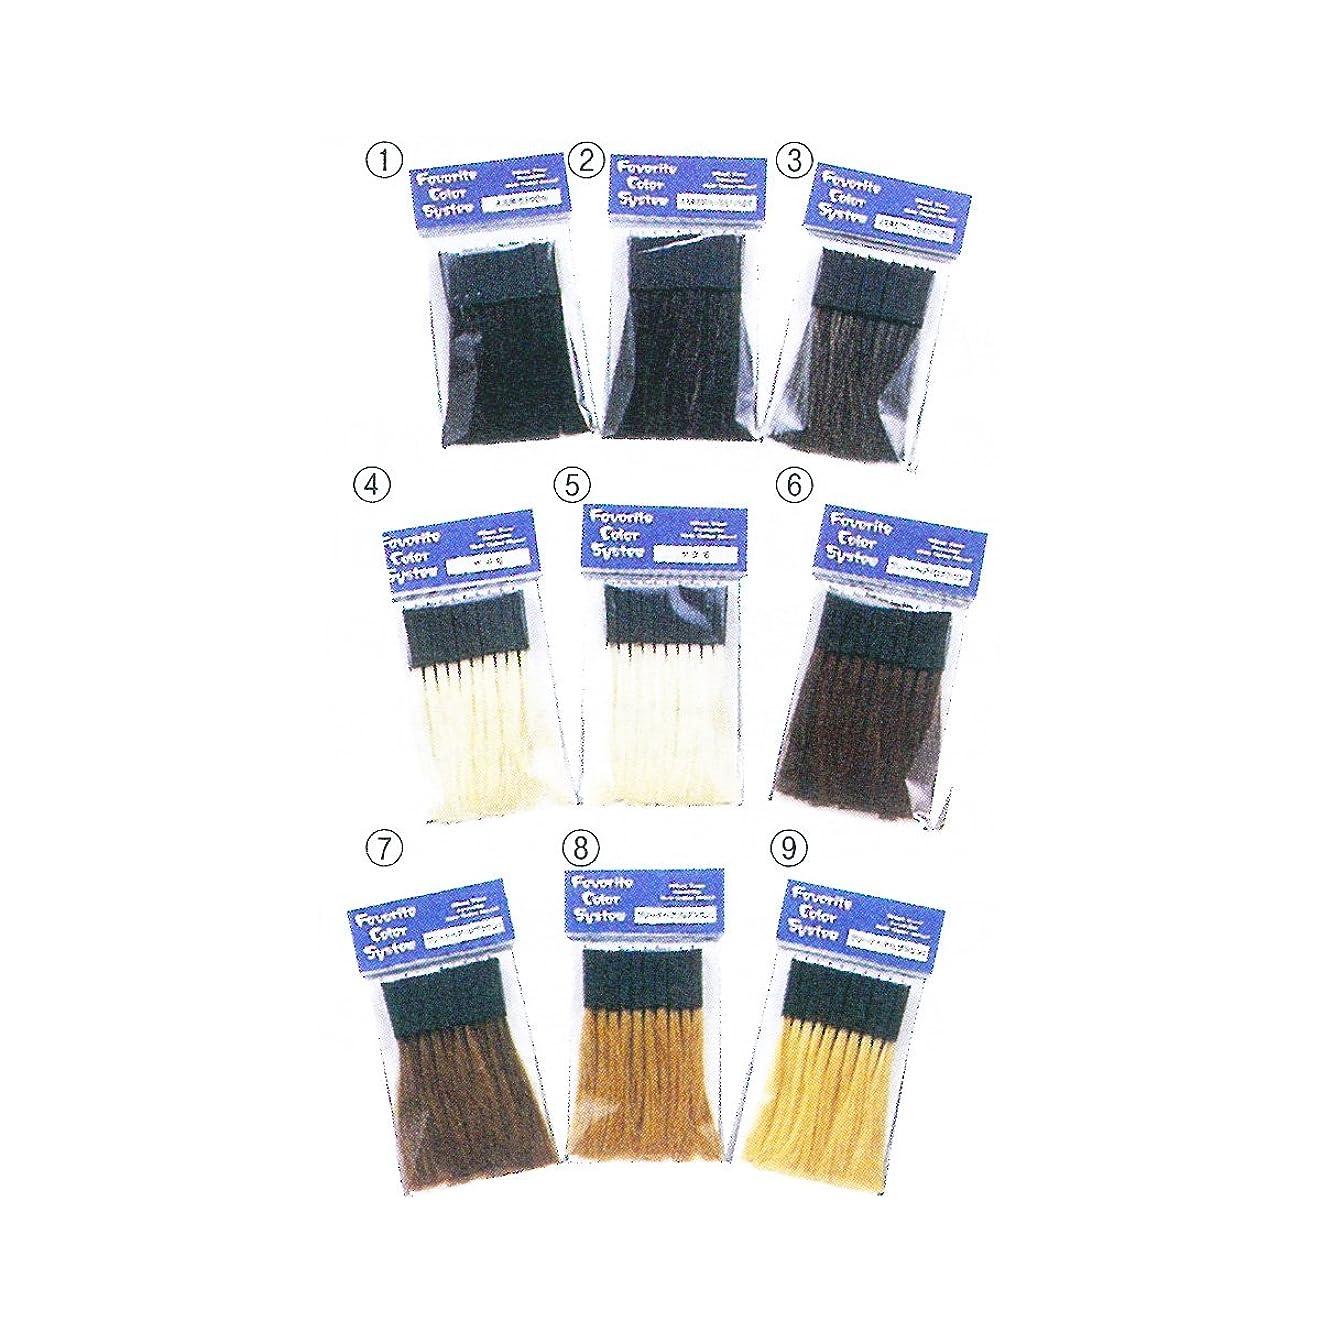 ロデオ根絶する土曜日フェイバリット カラーシステム(10本入) 4ヤギ毛